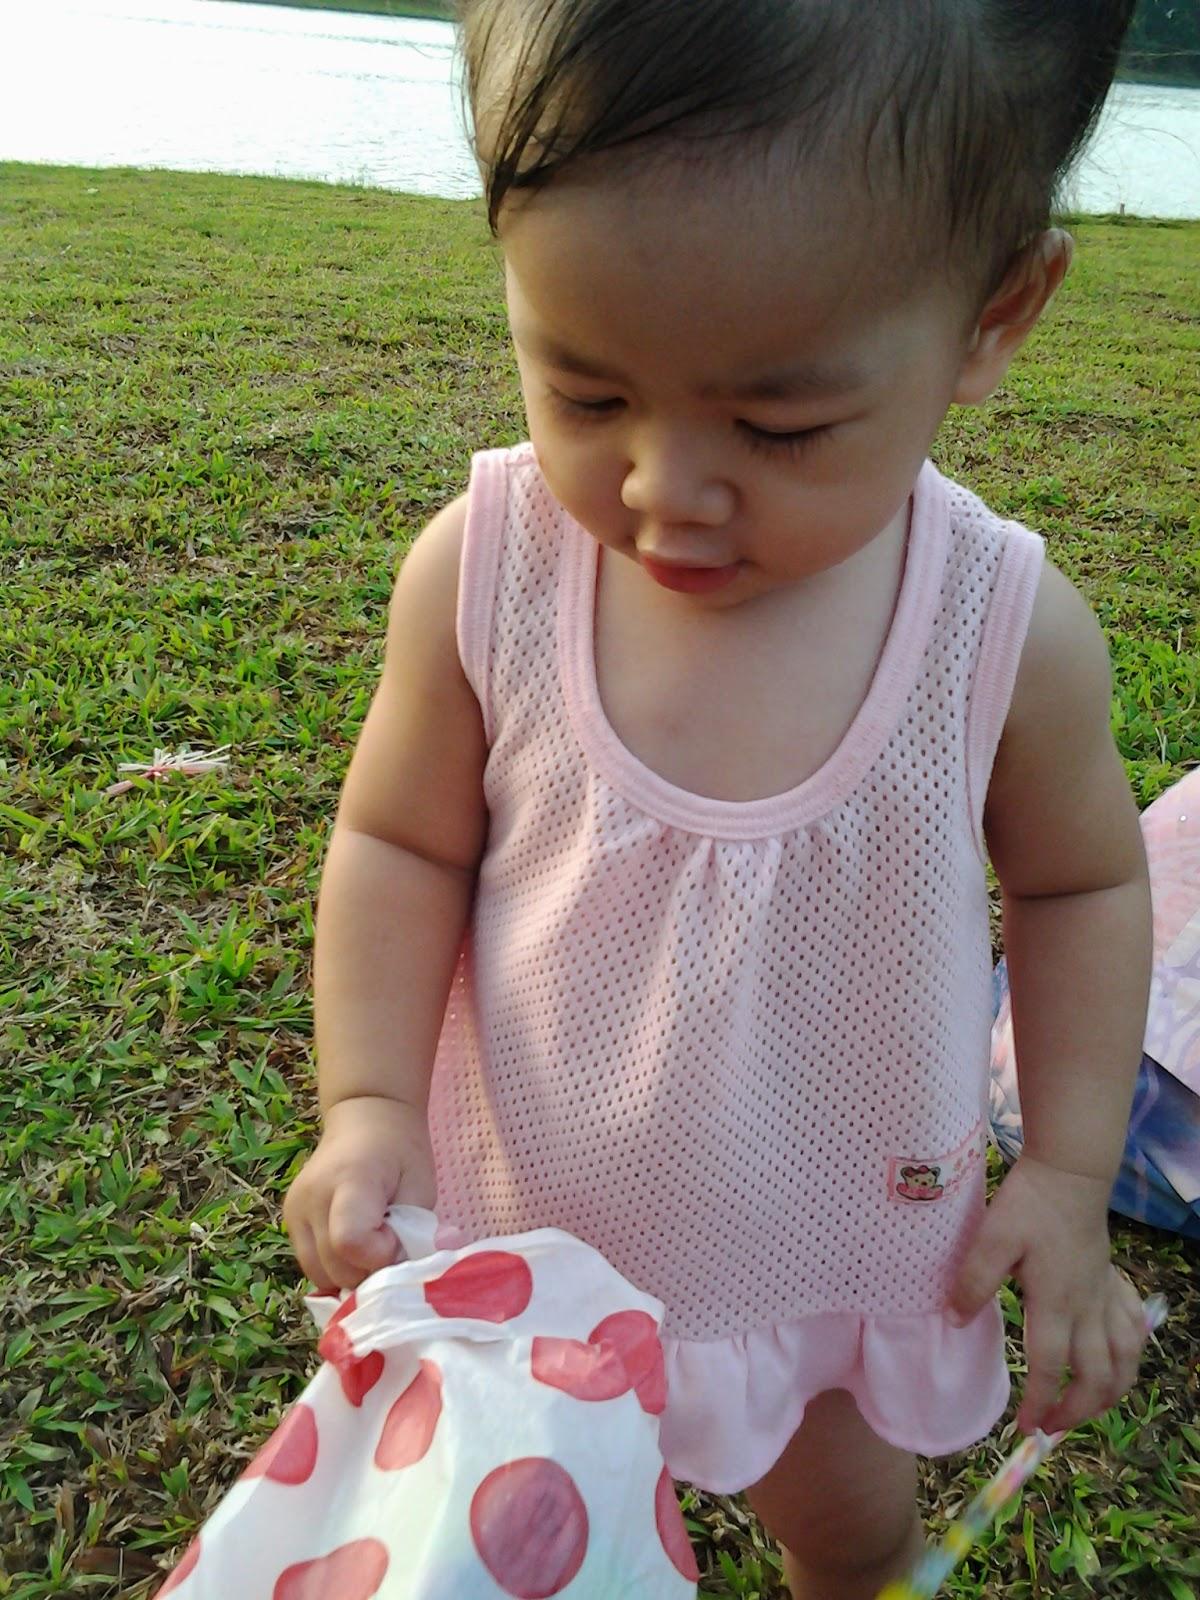 Susah Bab Pada Anak 2 Tahun